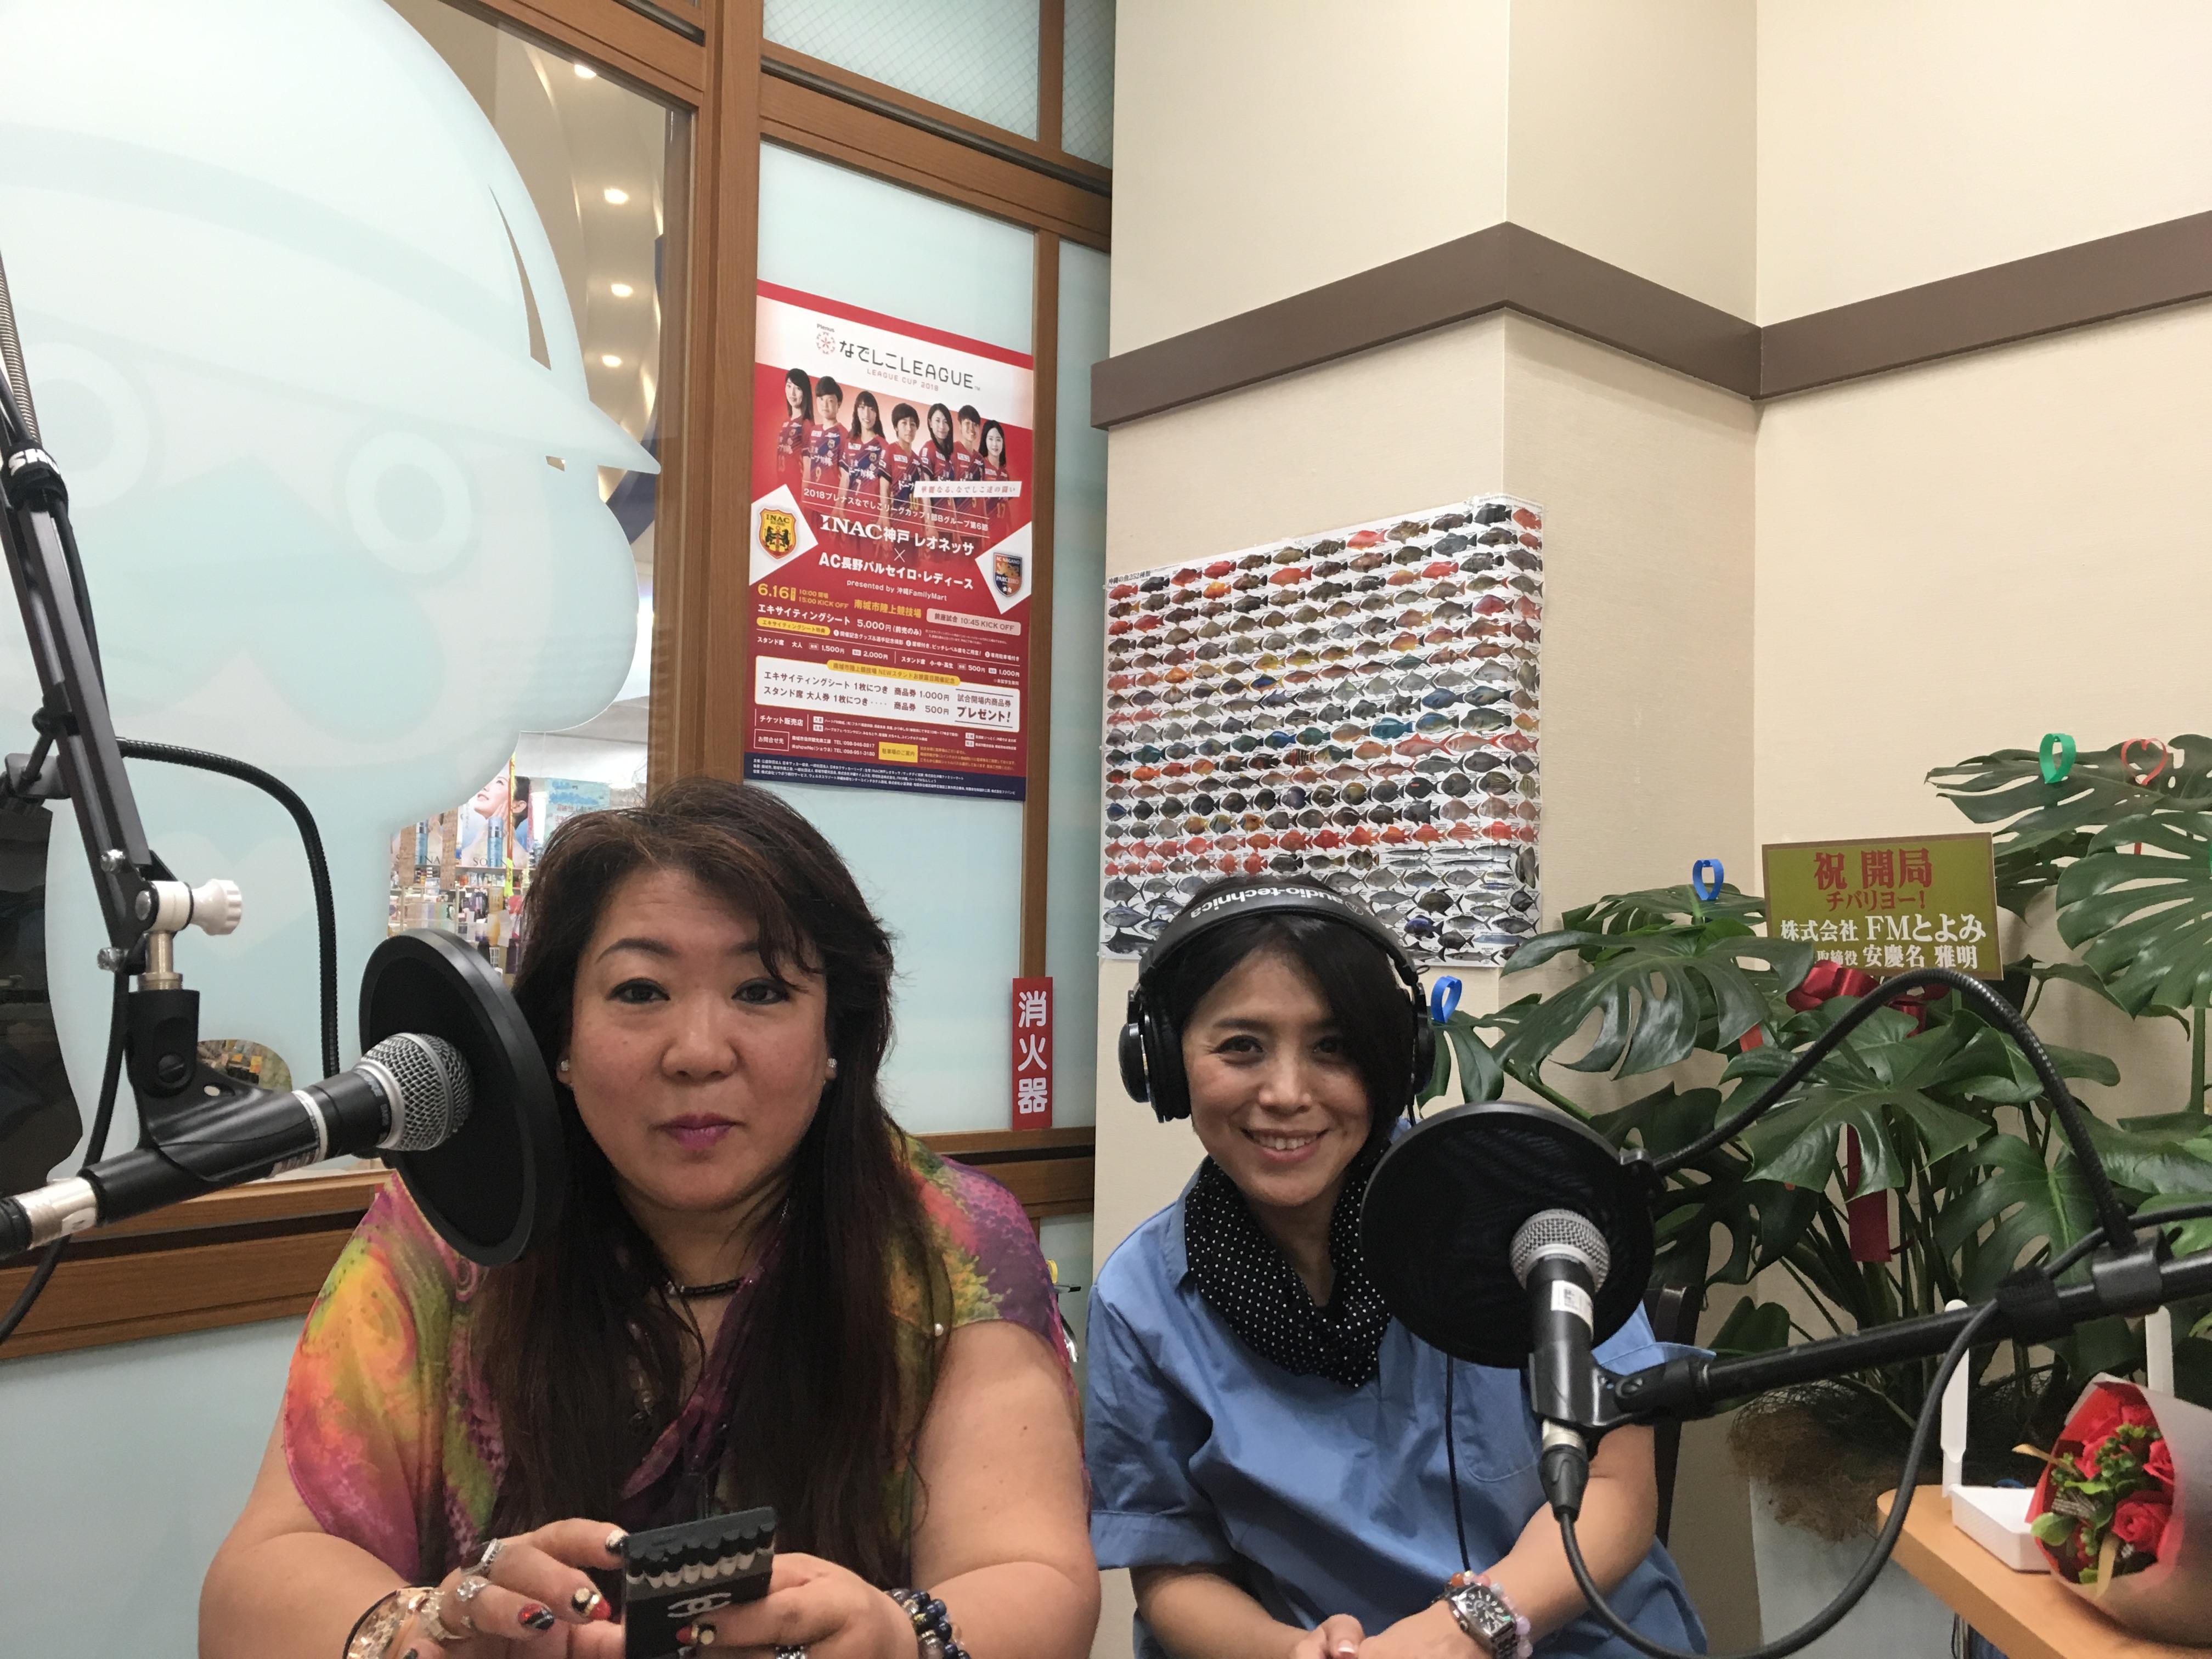 ハートFMなんじょう、たみちゃん、阿部民子、あべたみこ、沖縄県、ボイストレーにイング、うたのレッスン